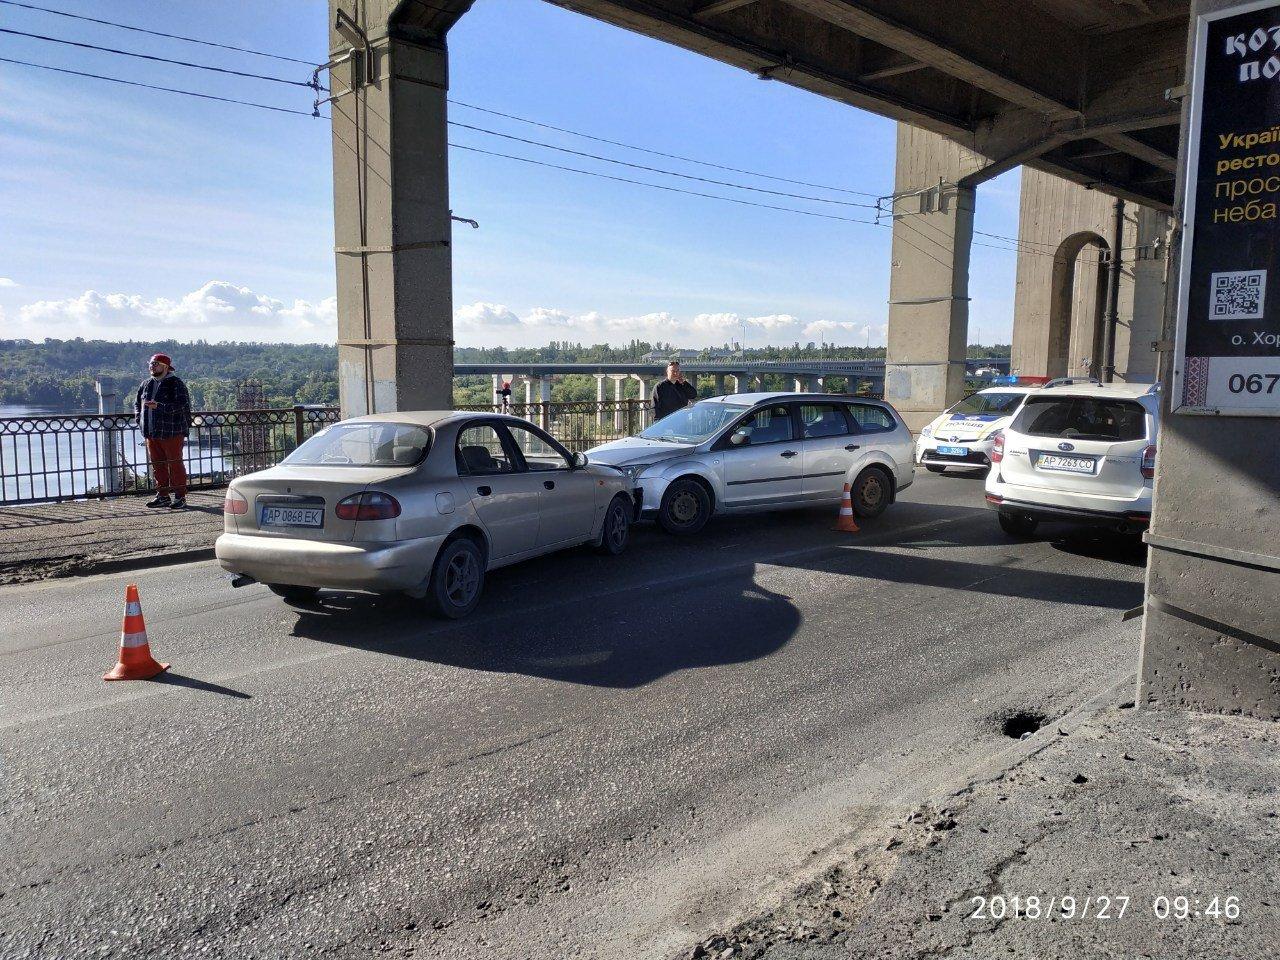 Опубликованы фото тройного ДТП на мосту Преображенского: из-за аварии центр Запорожья оказался в пробке, фото-4